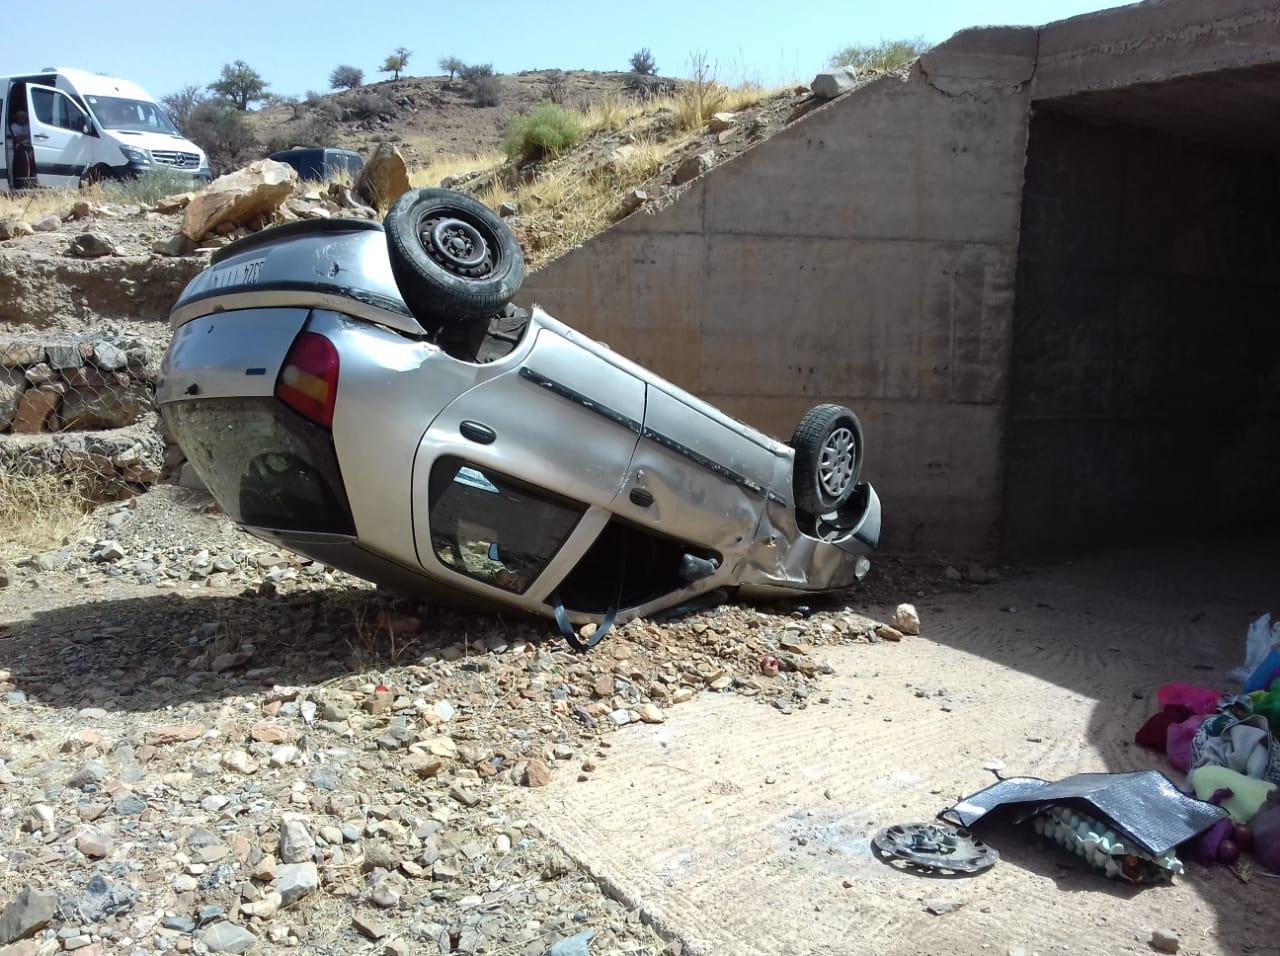 انقلاب سيارة في طريق تافراوت و نجاة ركابها من الموت